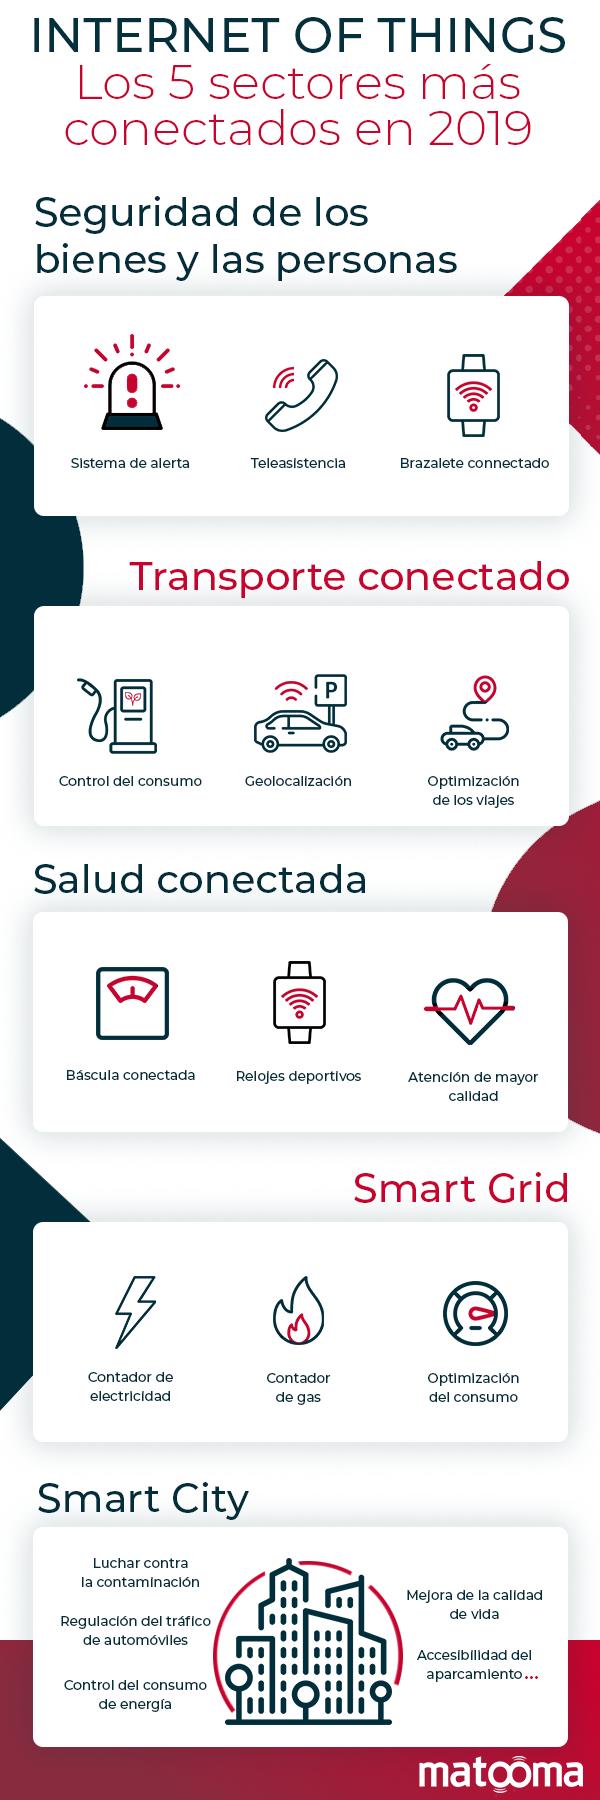 infografía-matooma-sectores-conectados-iot-m2m-salud-seguridad-transporte-smartcity-smartgrid